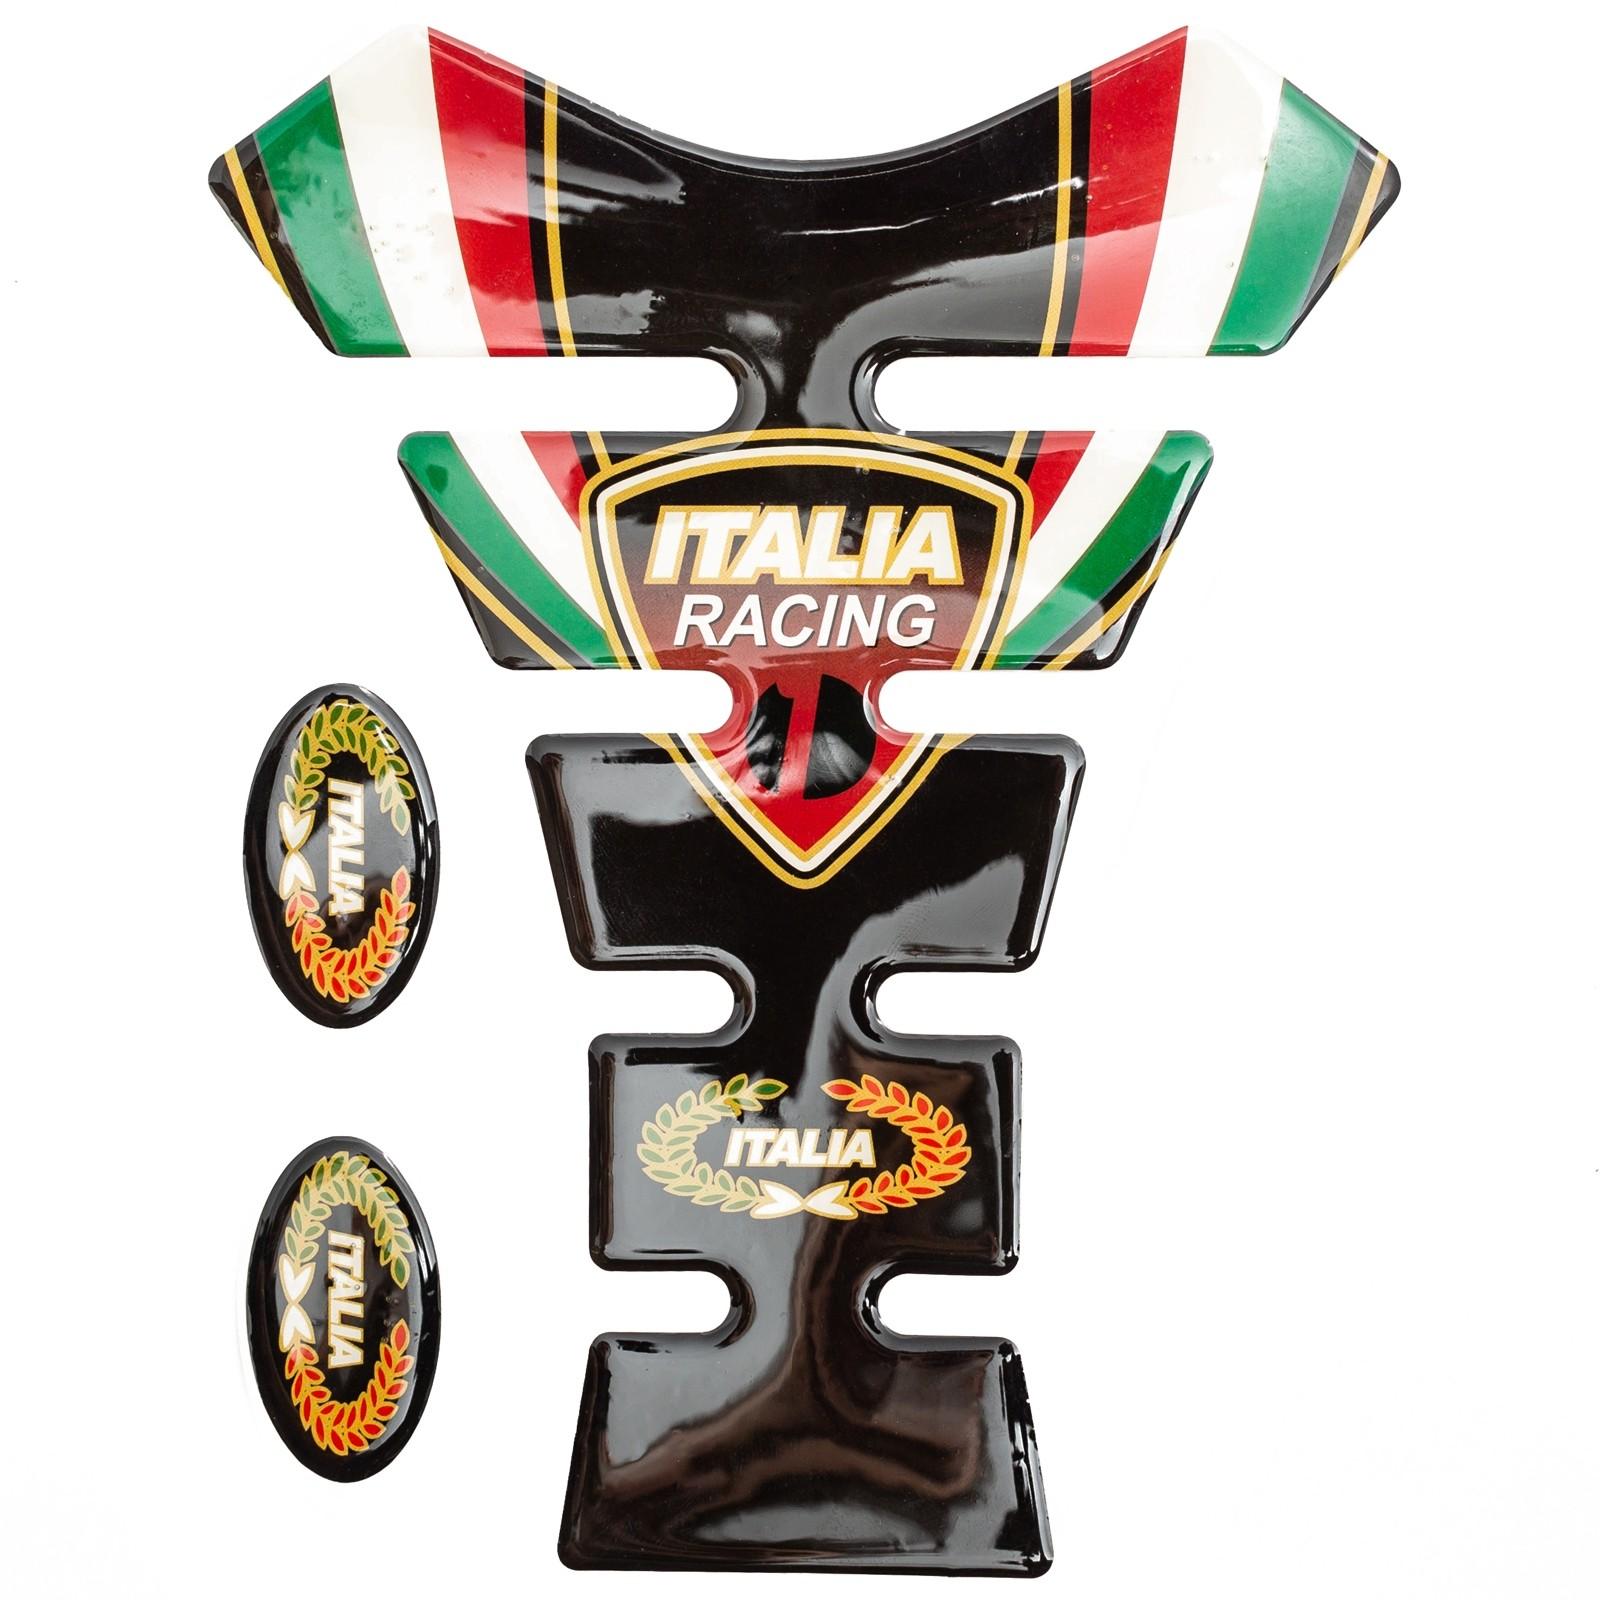 Italia Racing Adesivo Moto Protettore Serbatoio Tank Pad Impermeabile Ducati